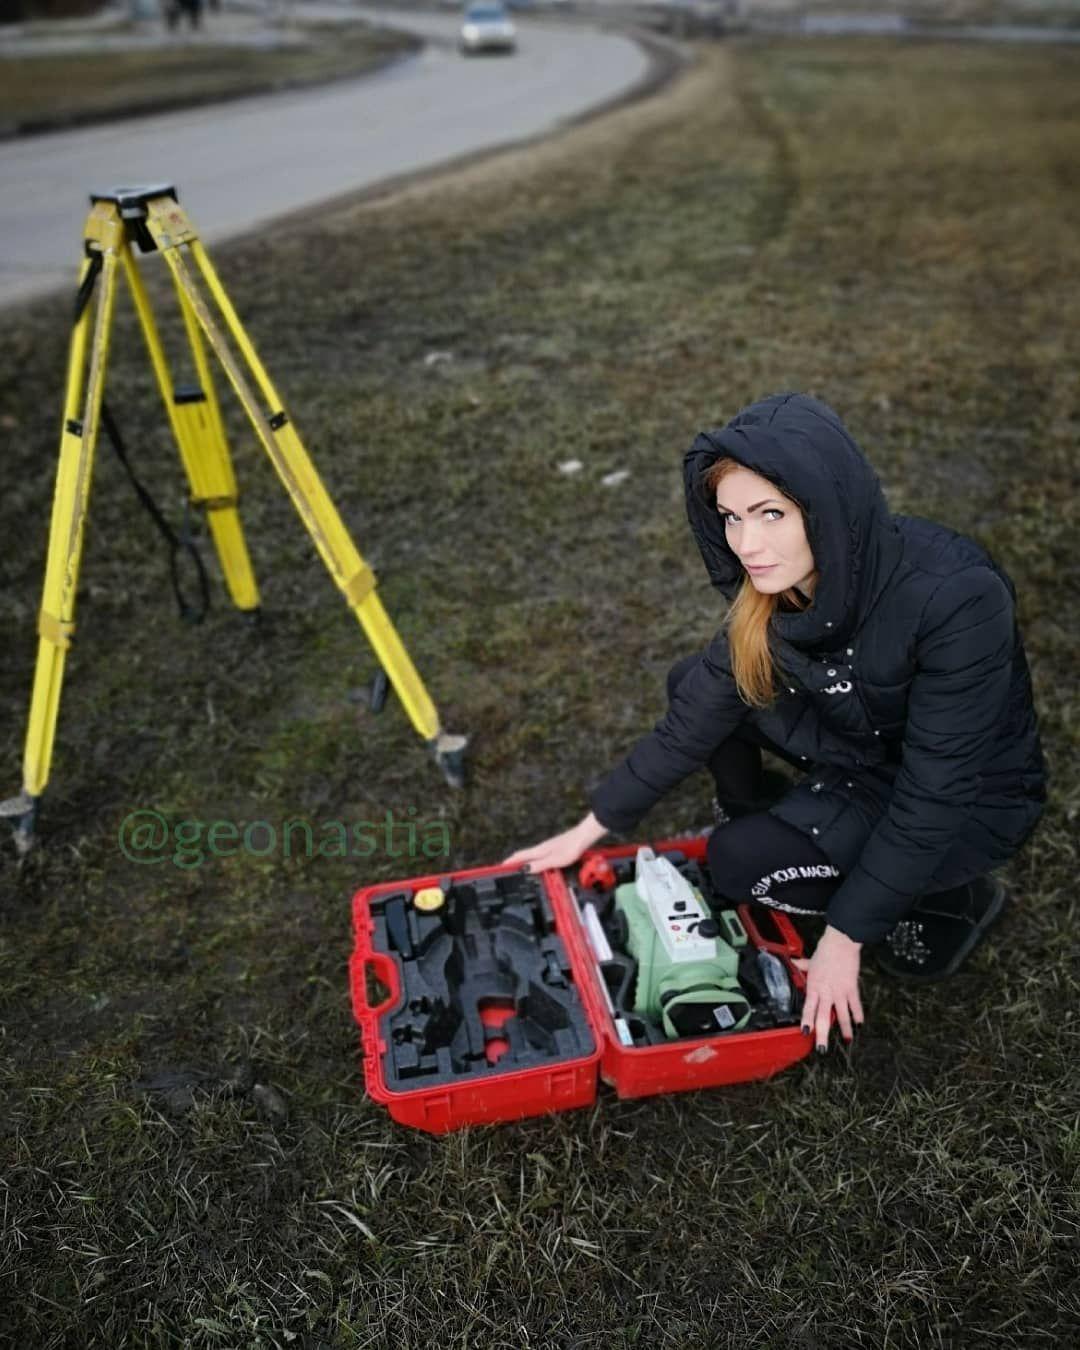 Работа геодезистом для девушек девушки модели в перевоз